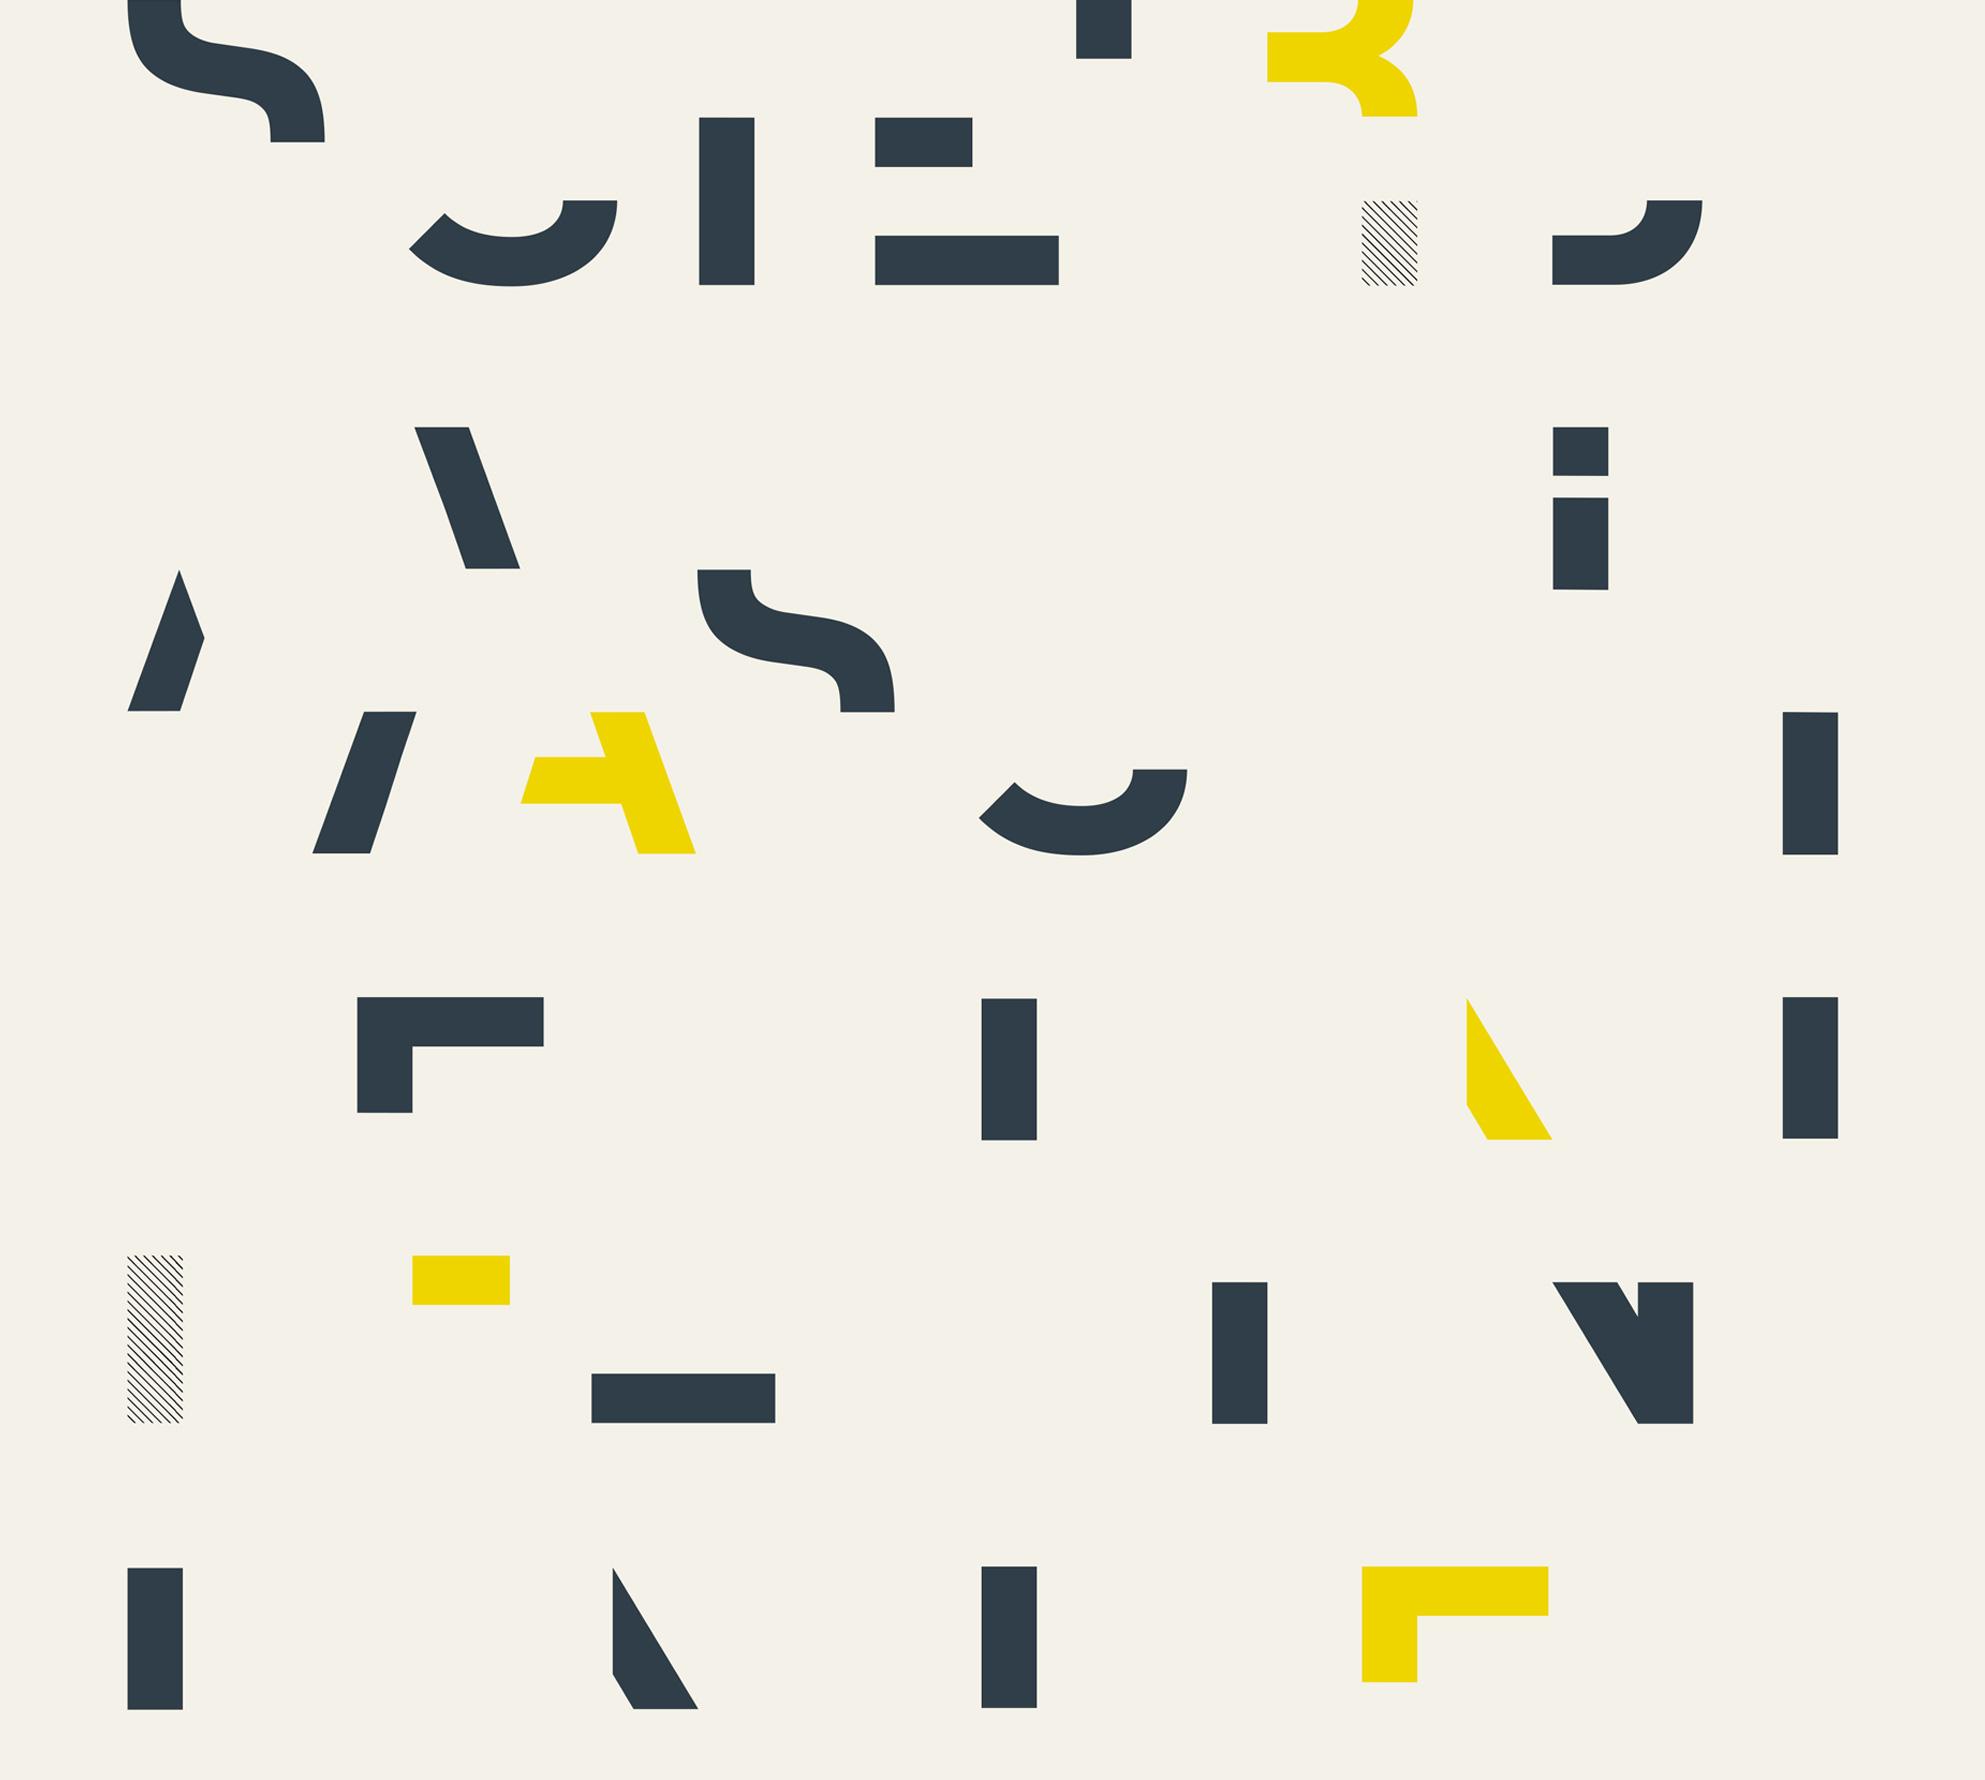 Couverture typographique